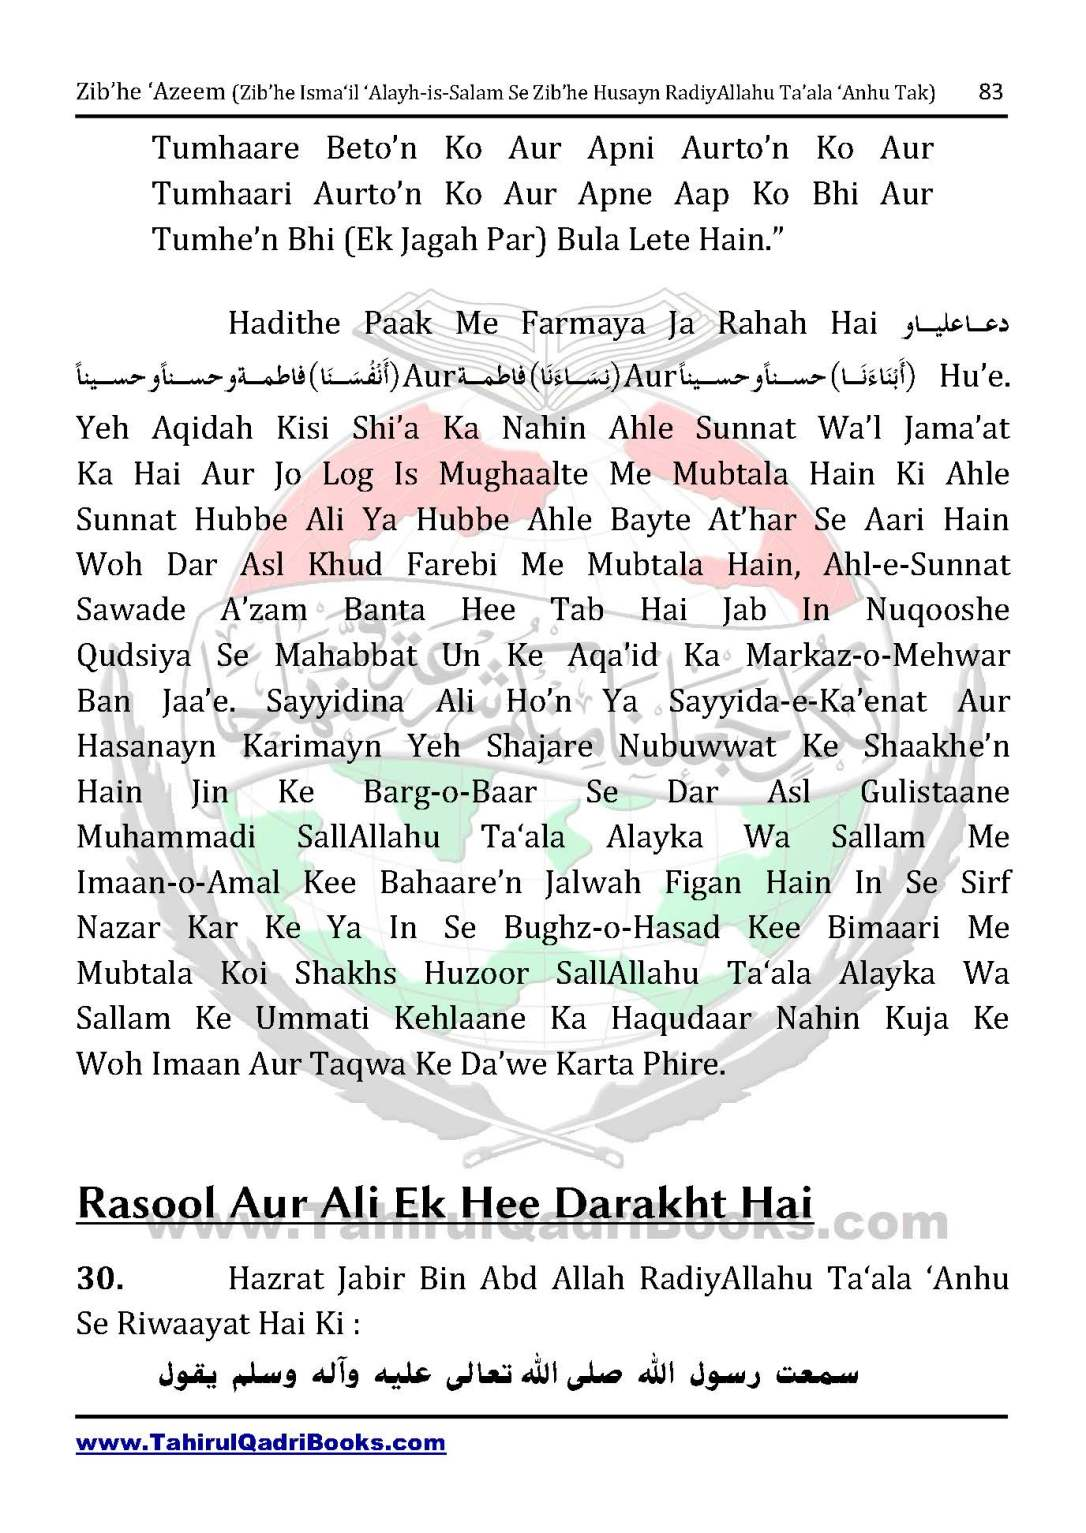 zib_he-e28098azeem-zib_he-ismacabbil-se-zib_he-husayn-tak-in-roman-urdu-unlocked_Page_083